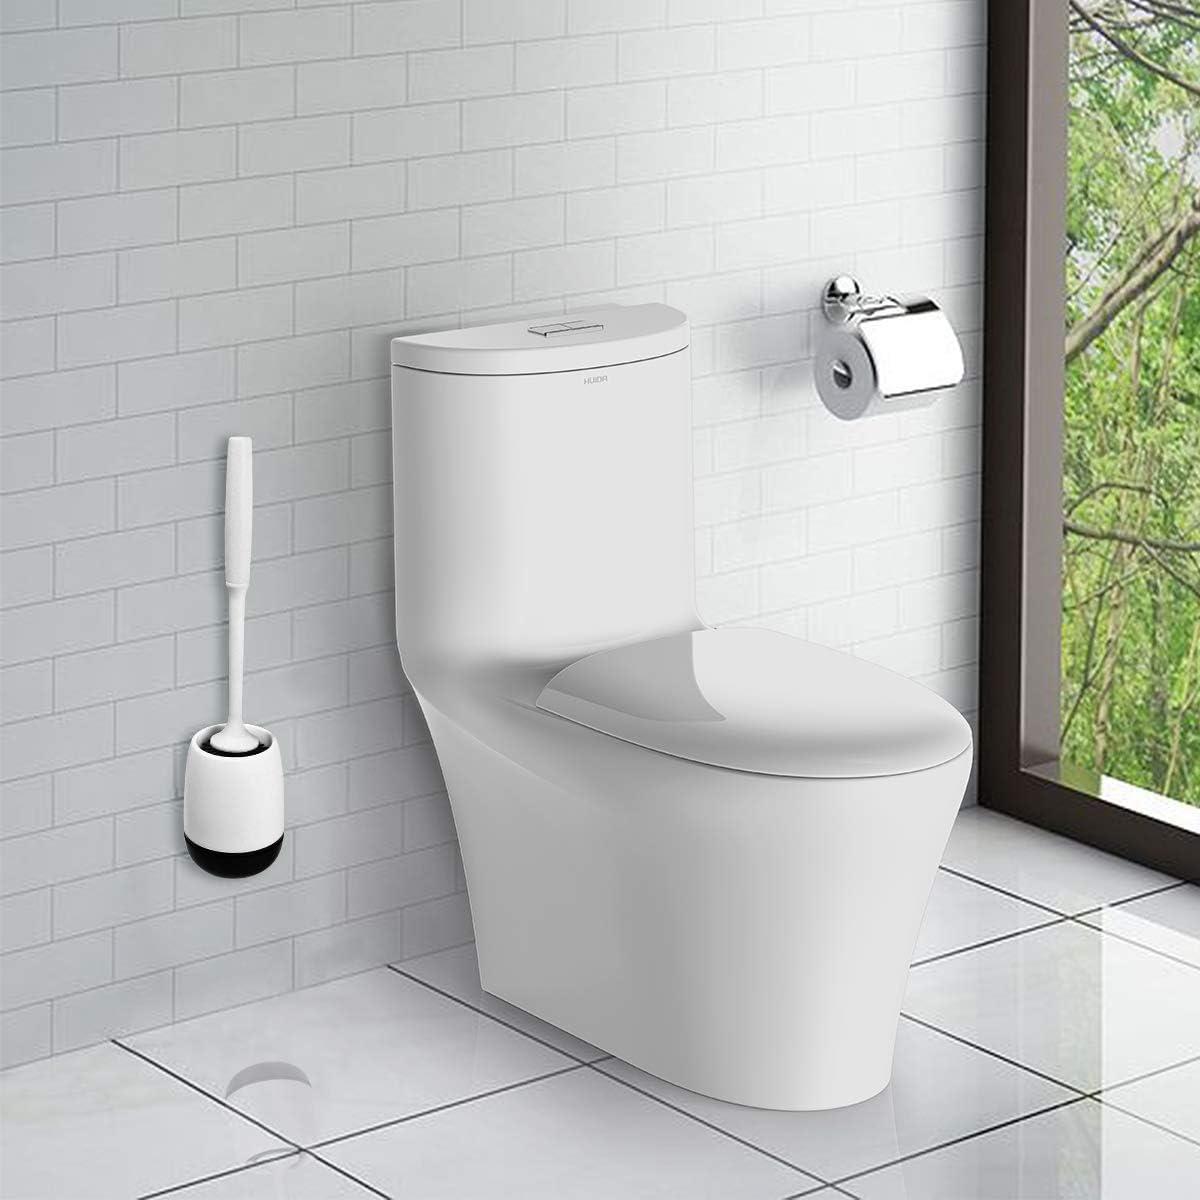 Brosse WC en Silicone Antibact/érienne Balayette,Brosse de Toilettes /à S/échage Rapide et R/écipient pour Salle de Bain avec Support Murale Vicloon Brosse de Toilette Bleu